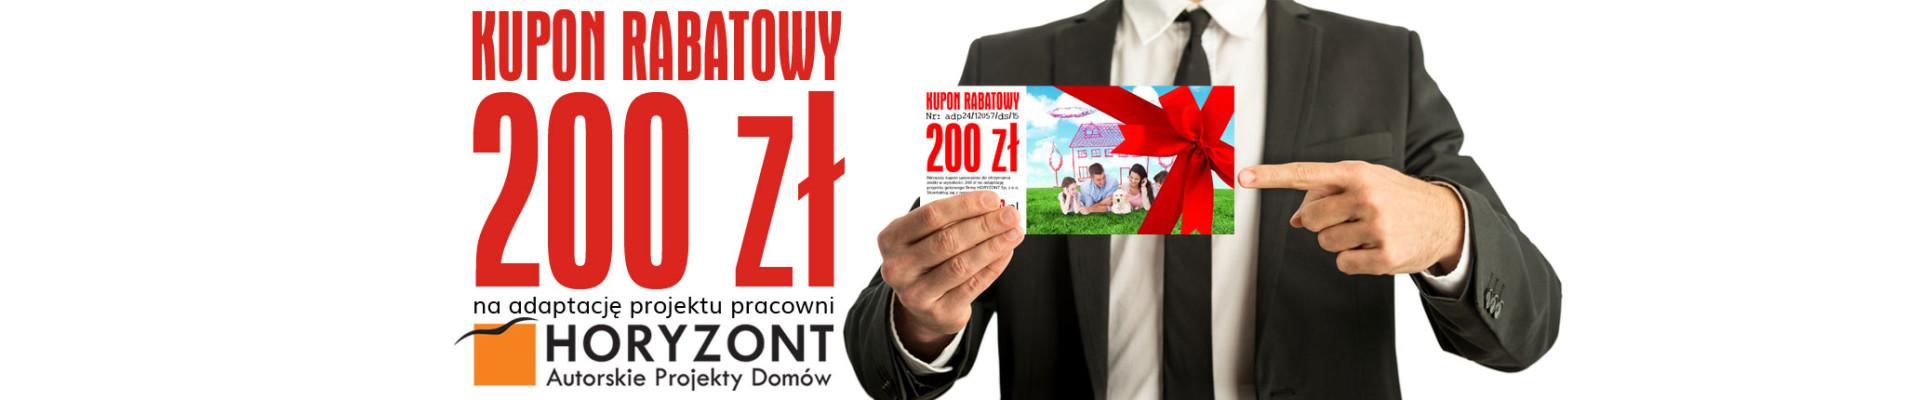 adaptacja24.pl |Kupon rabatowy na adaptację projektu pracowni Horyzont